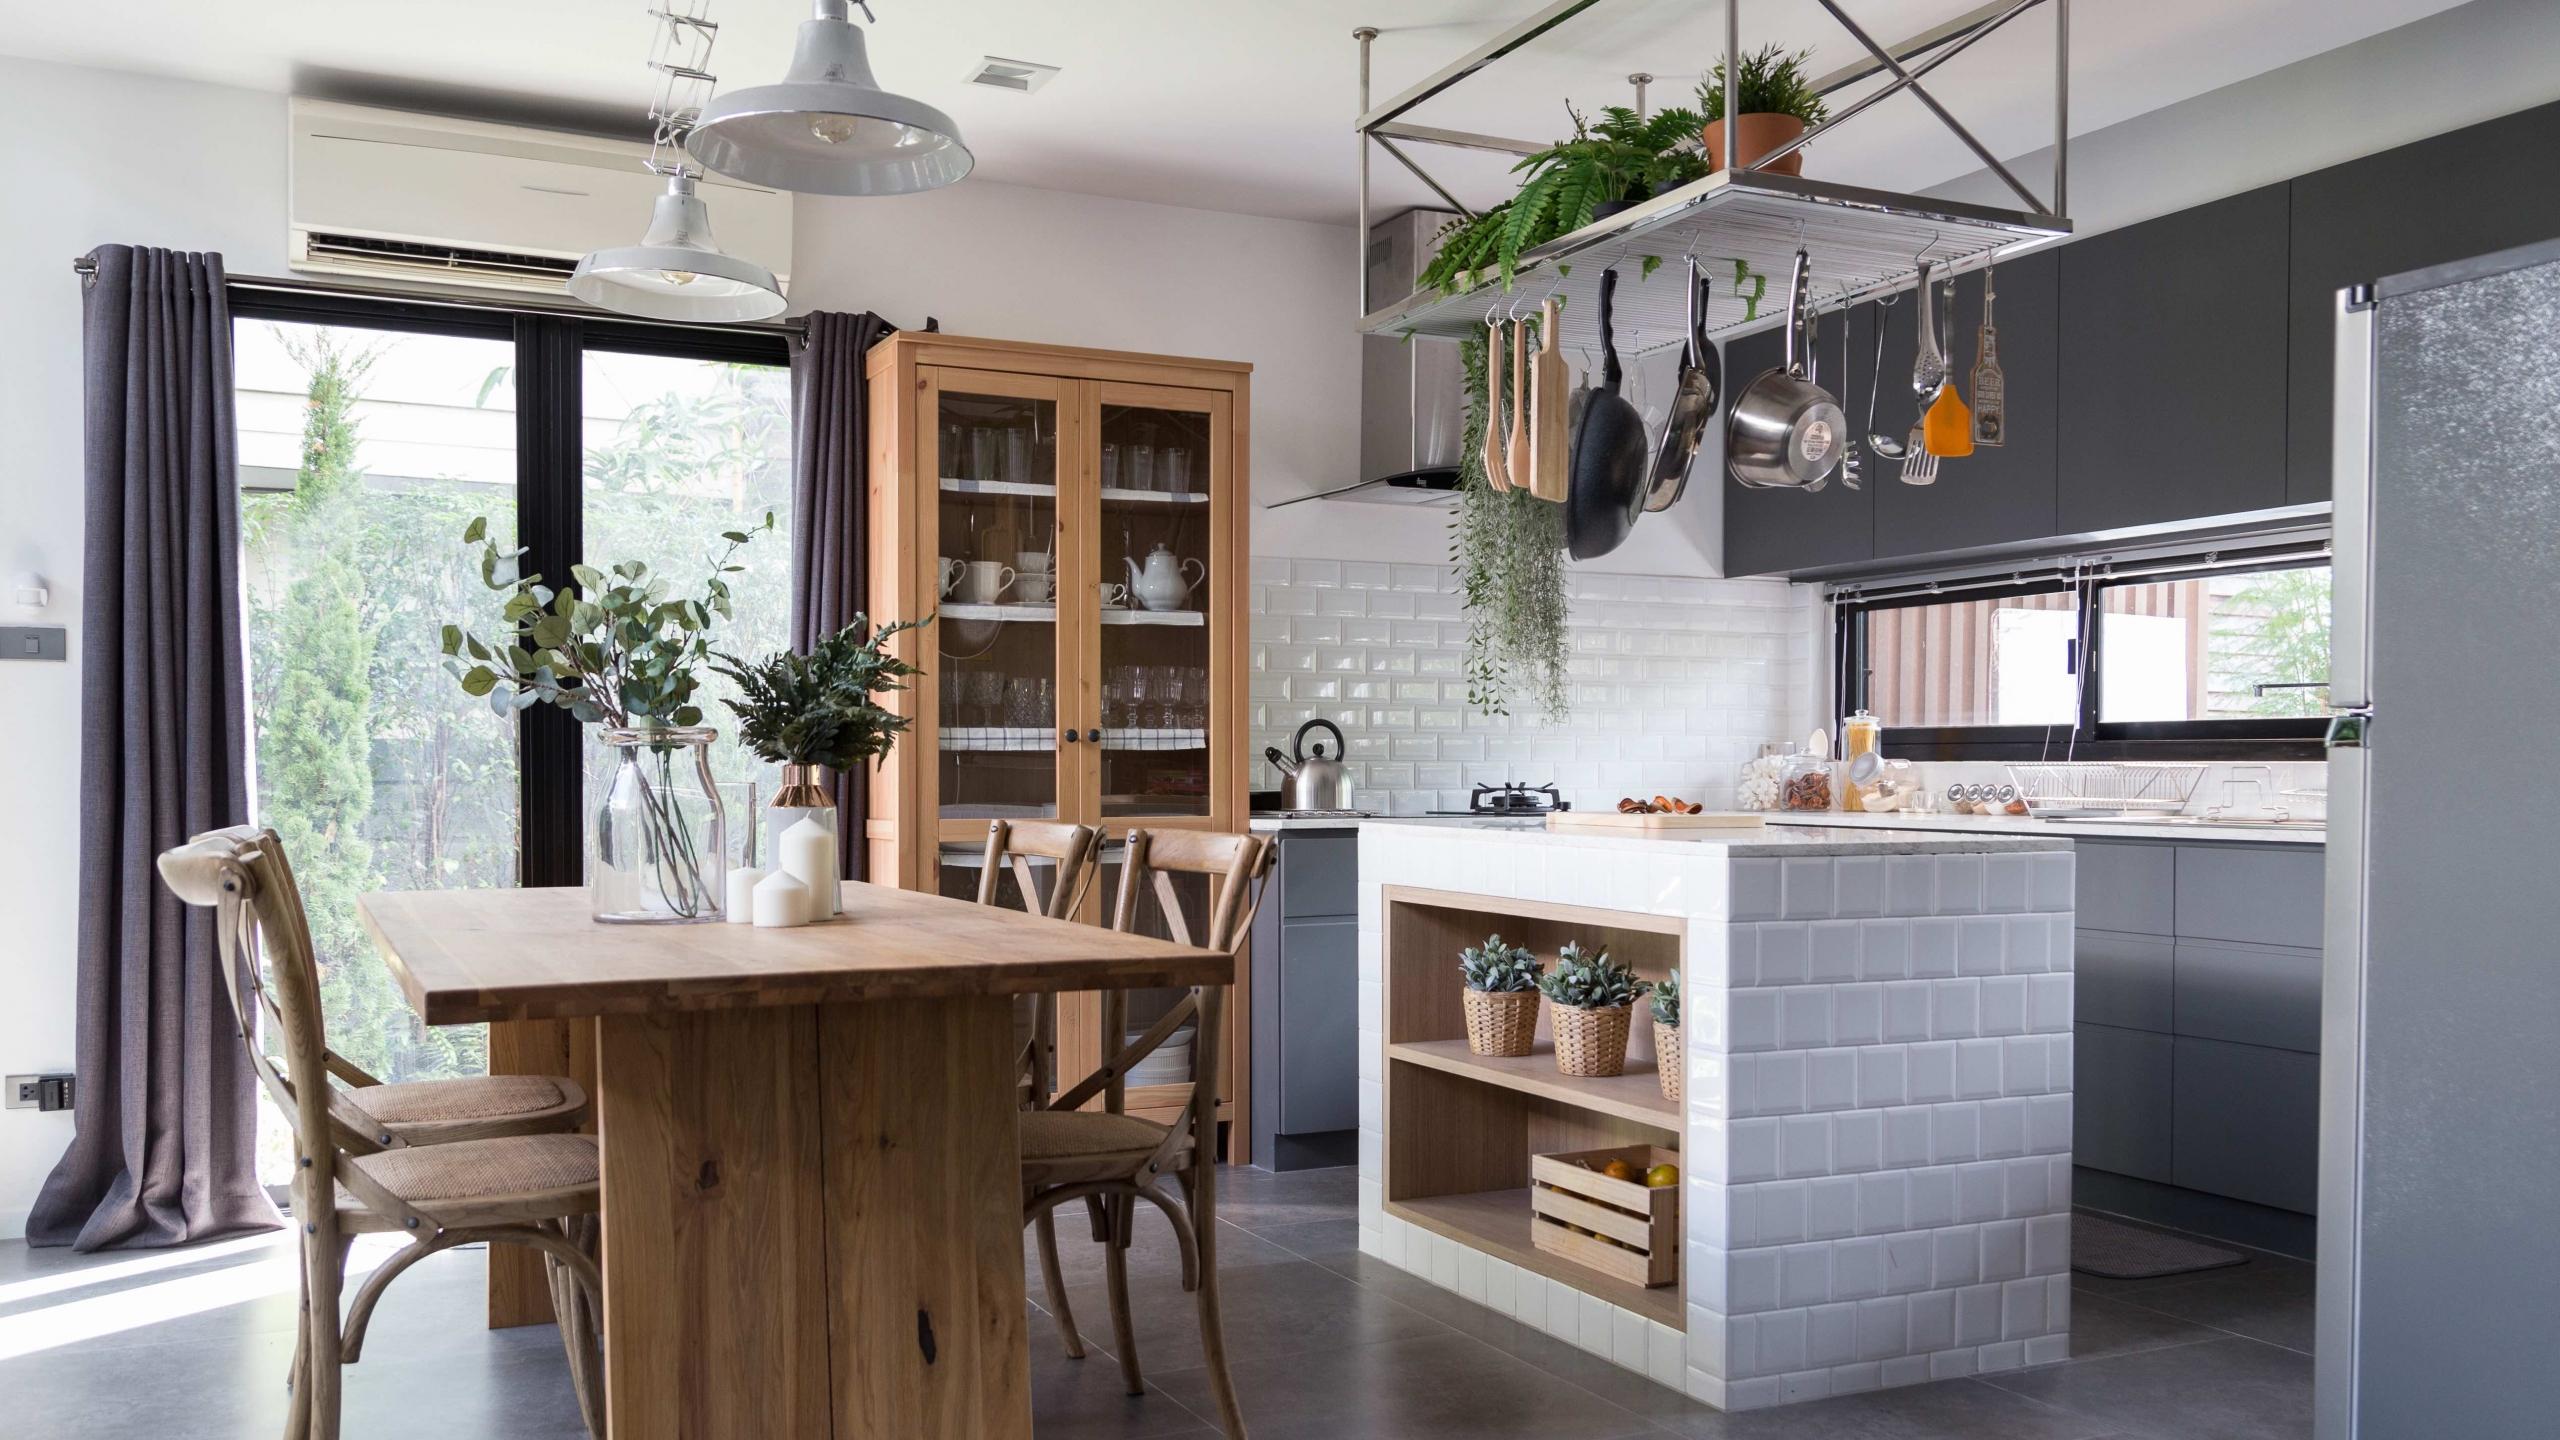 Wohnkuche Einrichten Alle Ideen Einrichtungstipps Hier